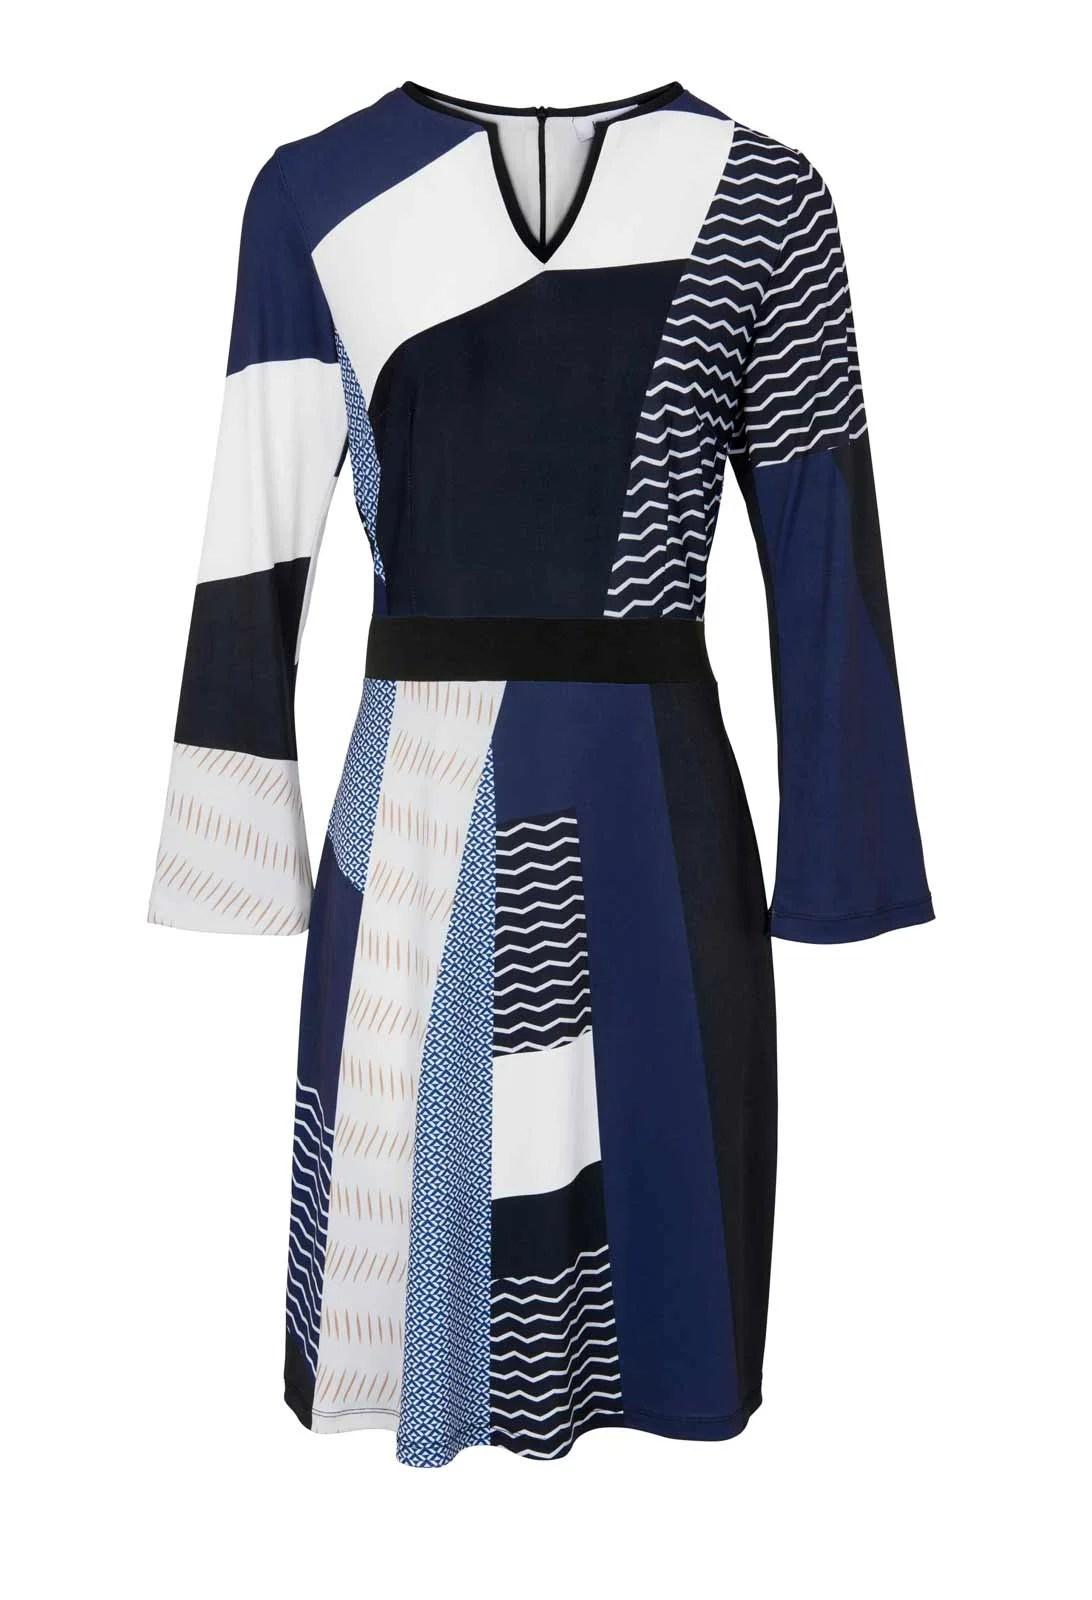 993.102 HEINE Damen Designer-Jerseykleid Marine-Ecru